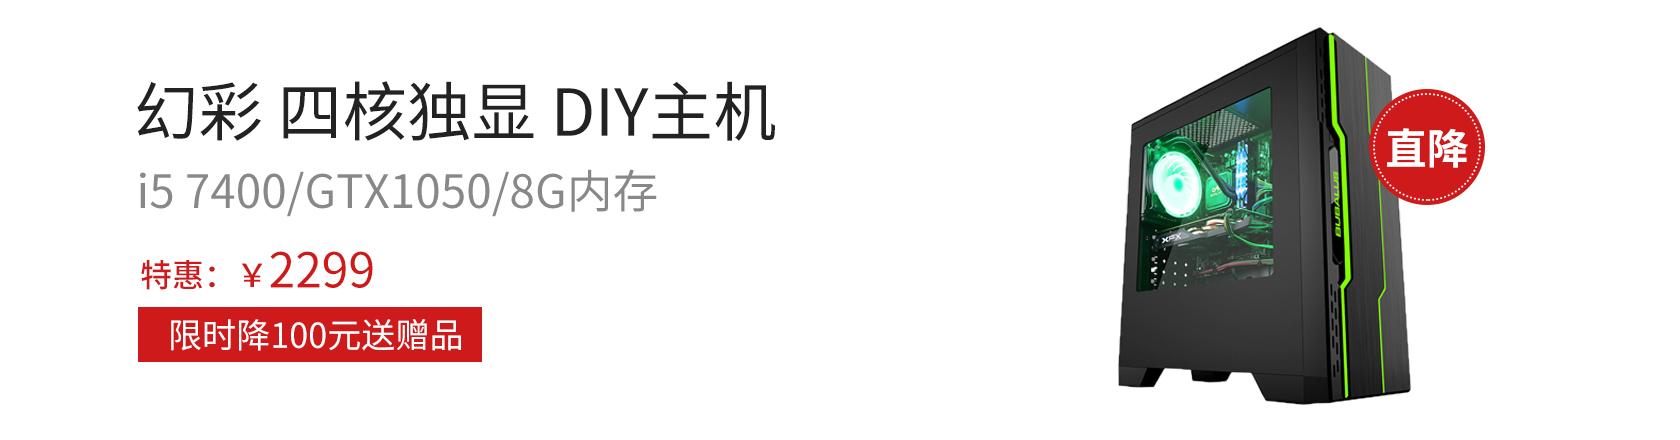 幻彩 2299